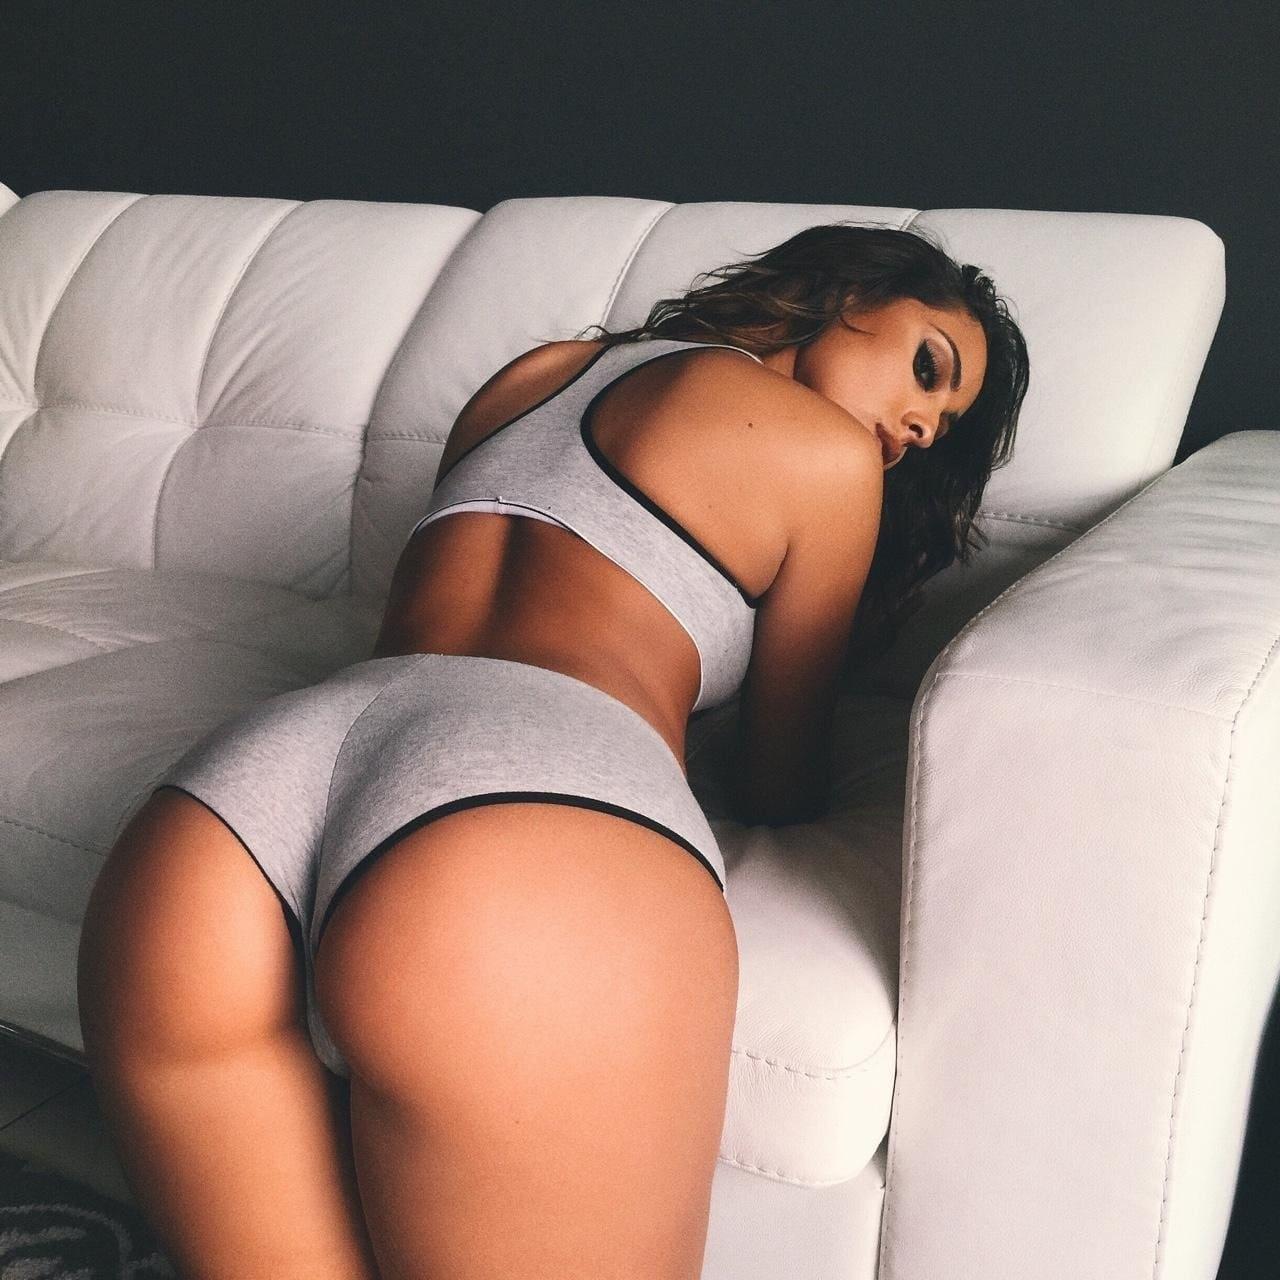 красивые девушки с большой попой на кровати лежит брюнетка с длинным волосом в спортивном белье